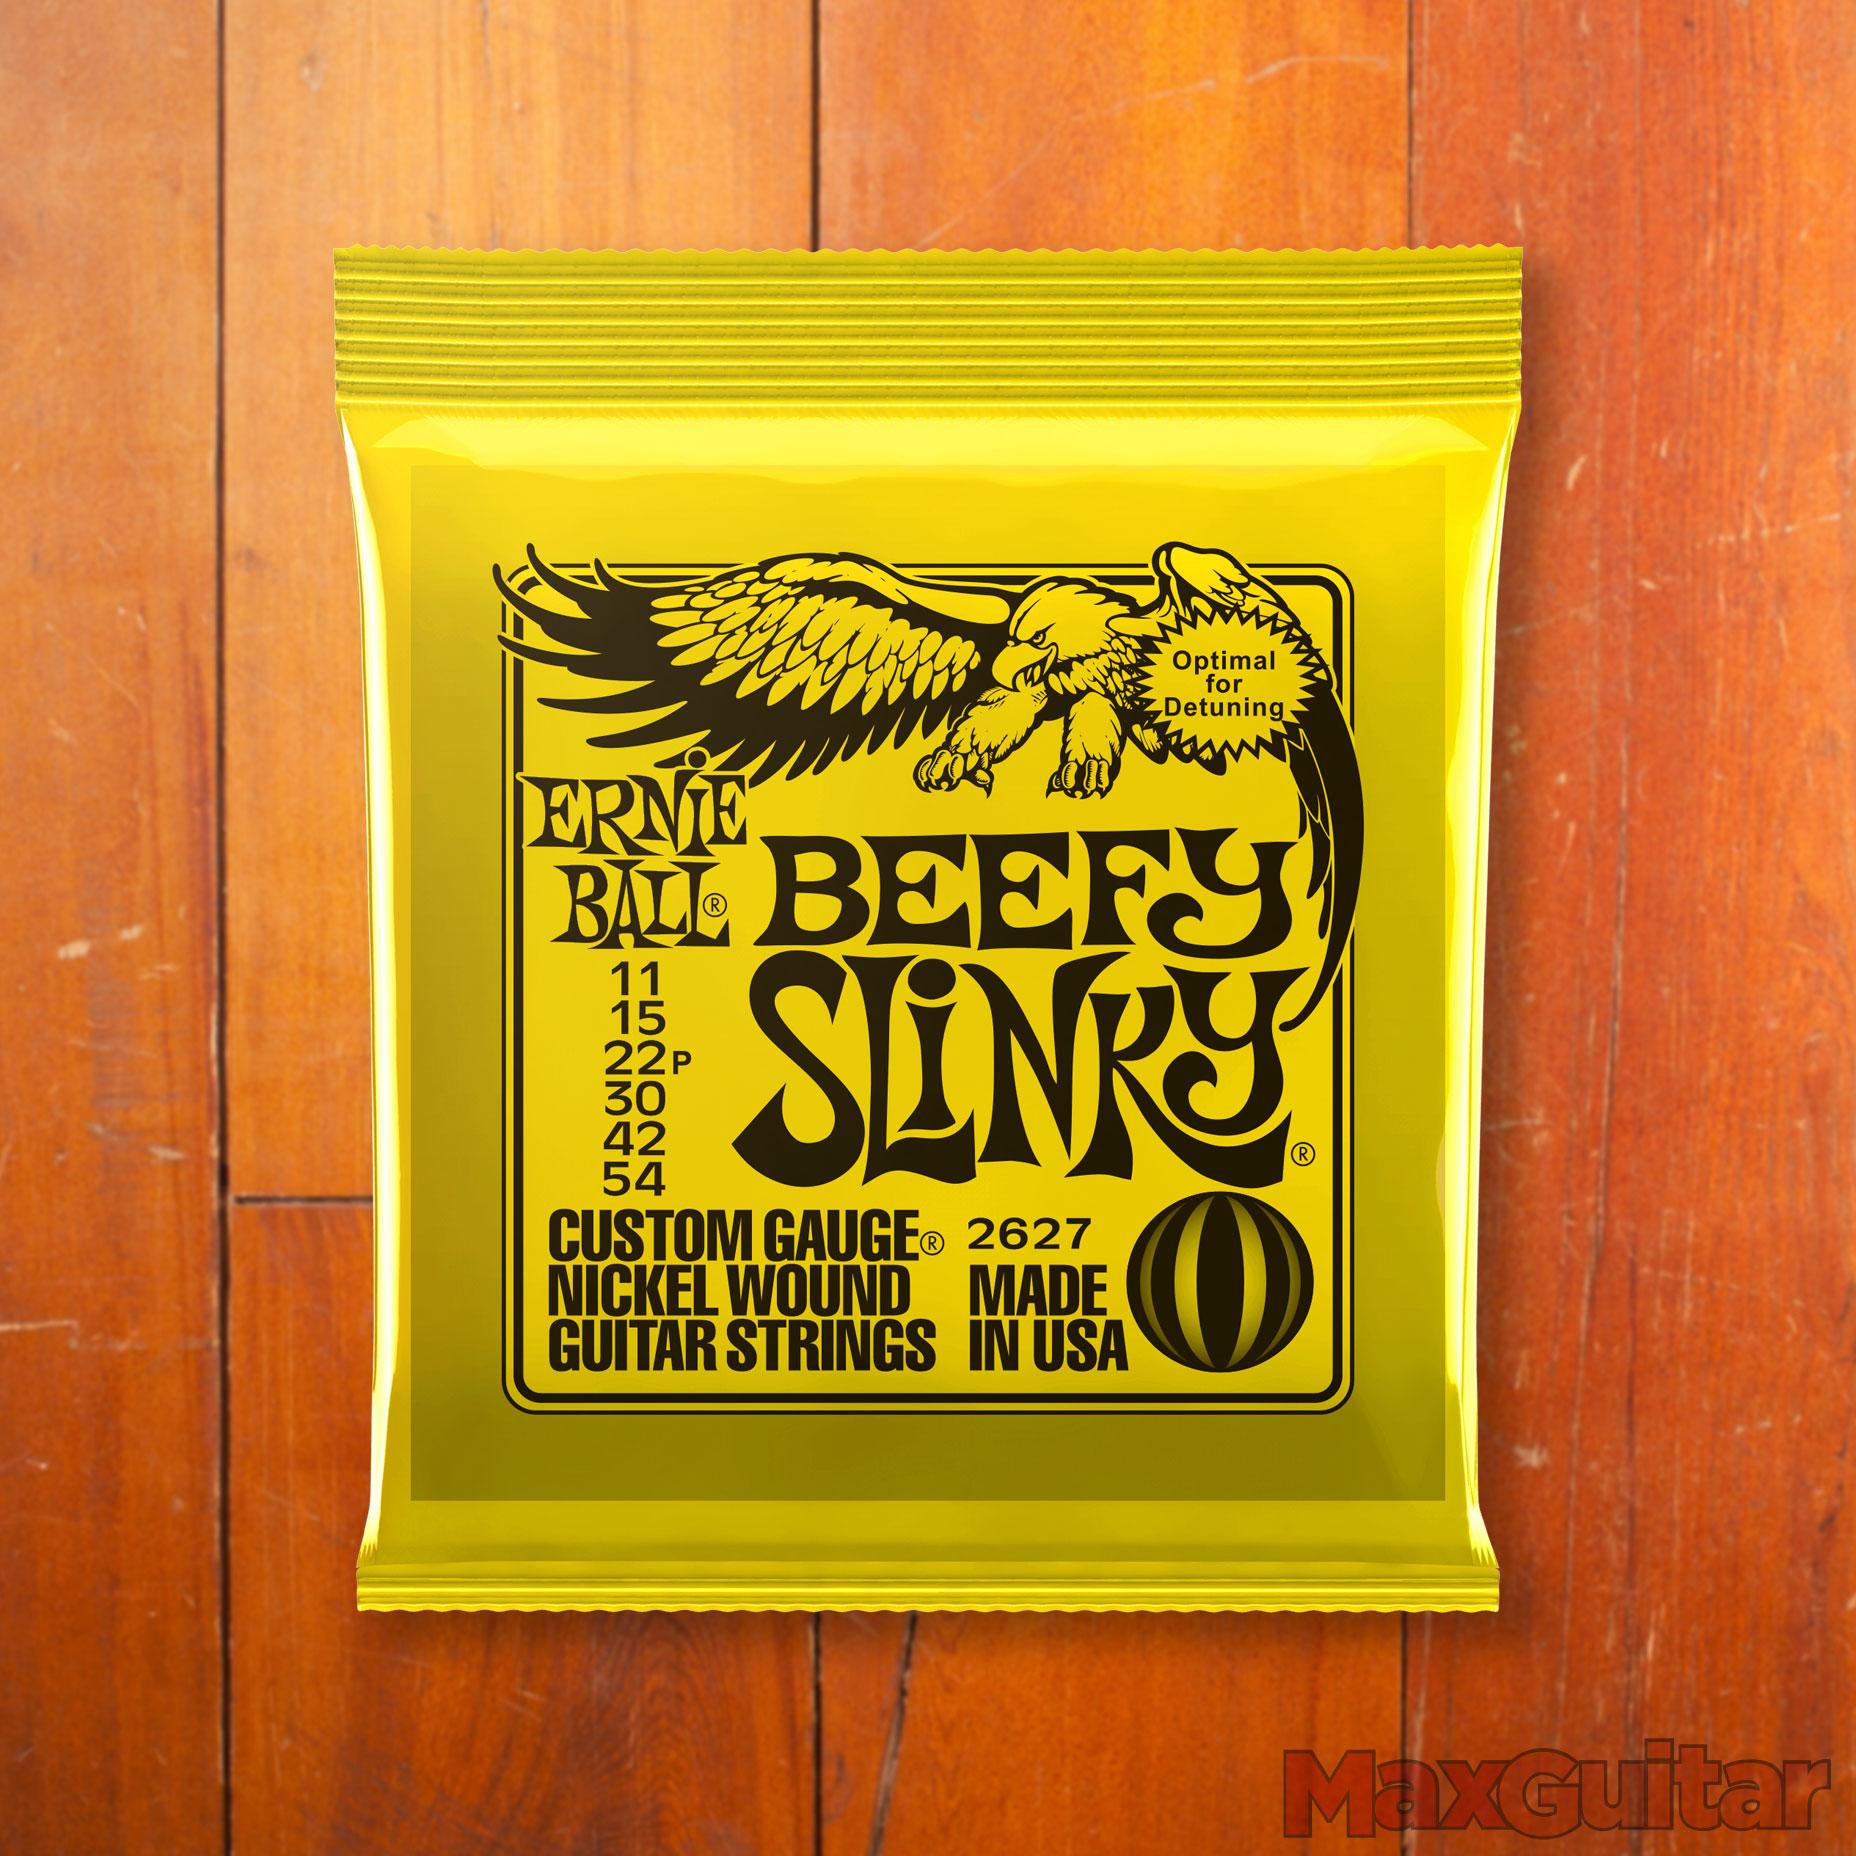 Ernie Ball 2627 Beefy Slinky snarenset voor elektrische gitaar